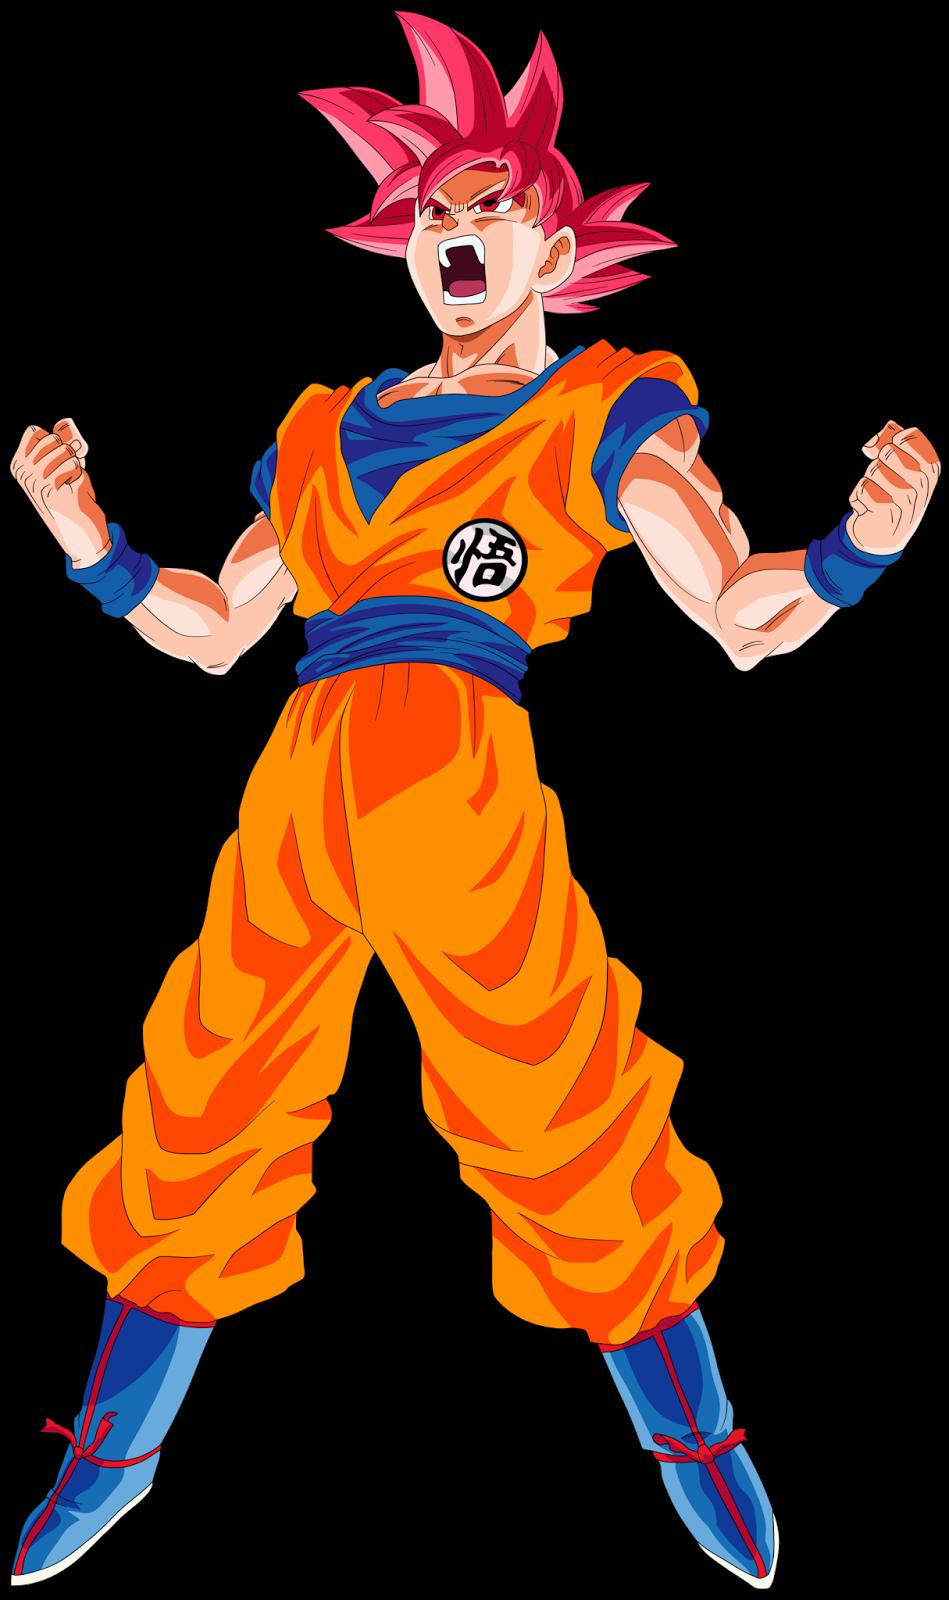 Foto gambar goku super saiyan god terbaru foto kartun - Foto goku super saiyan god ...